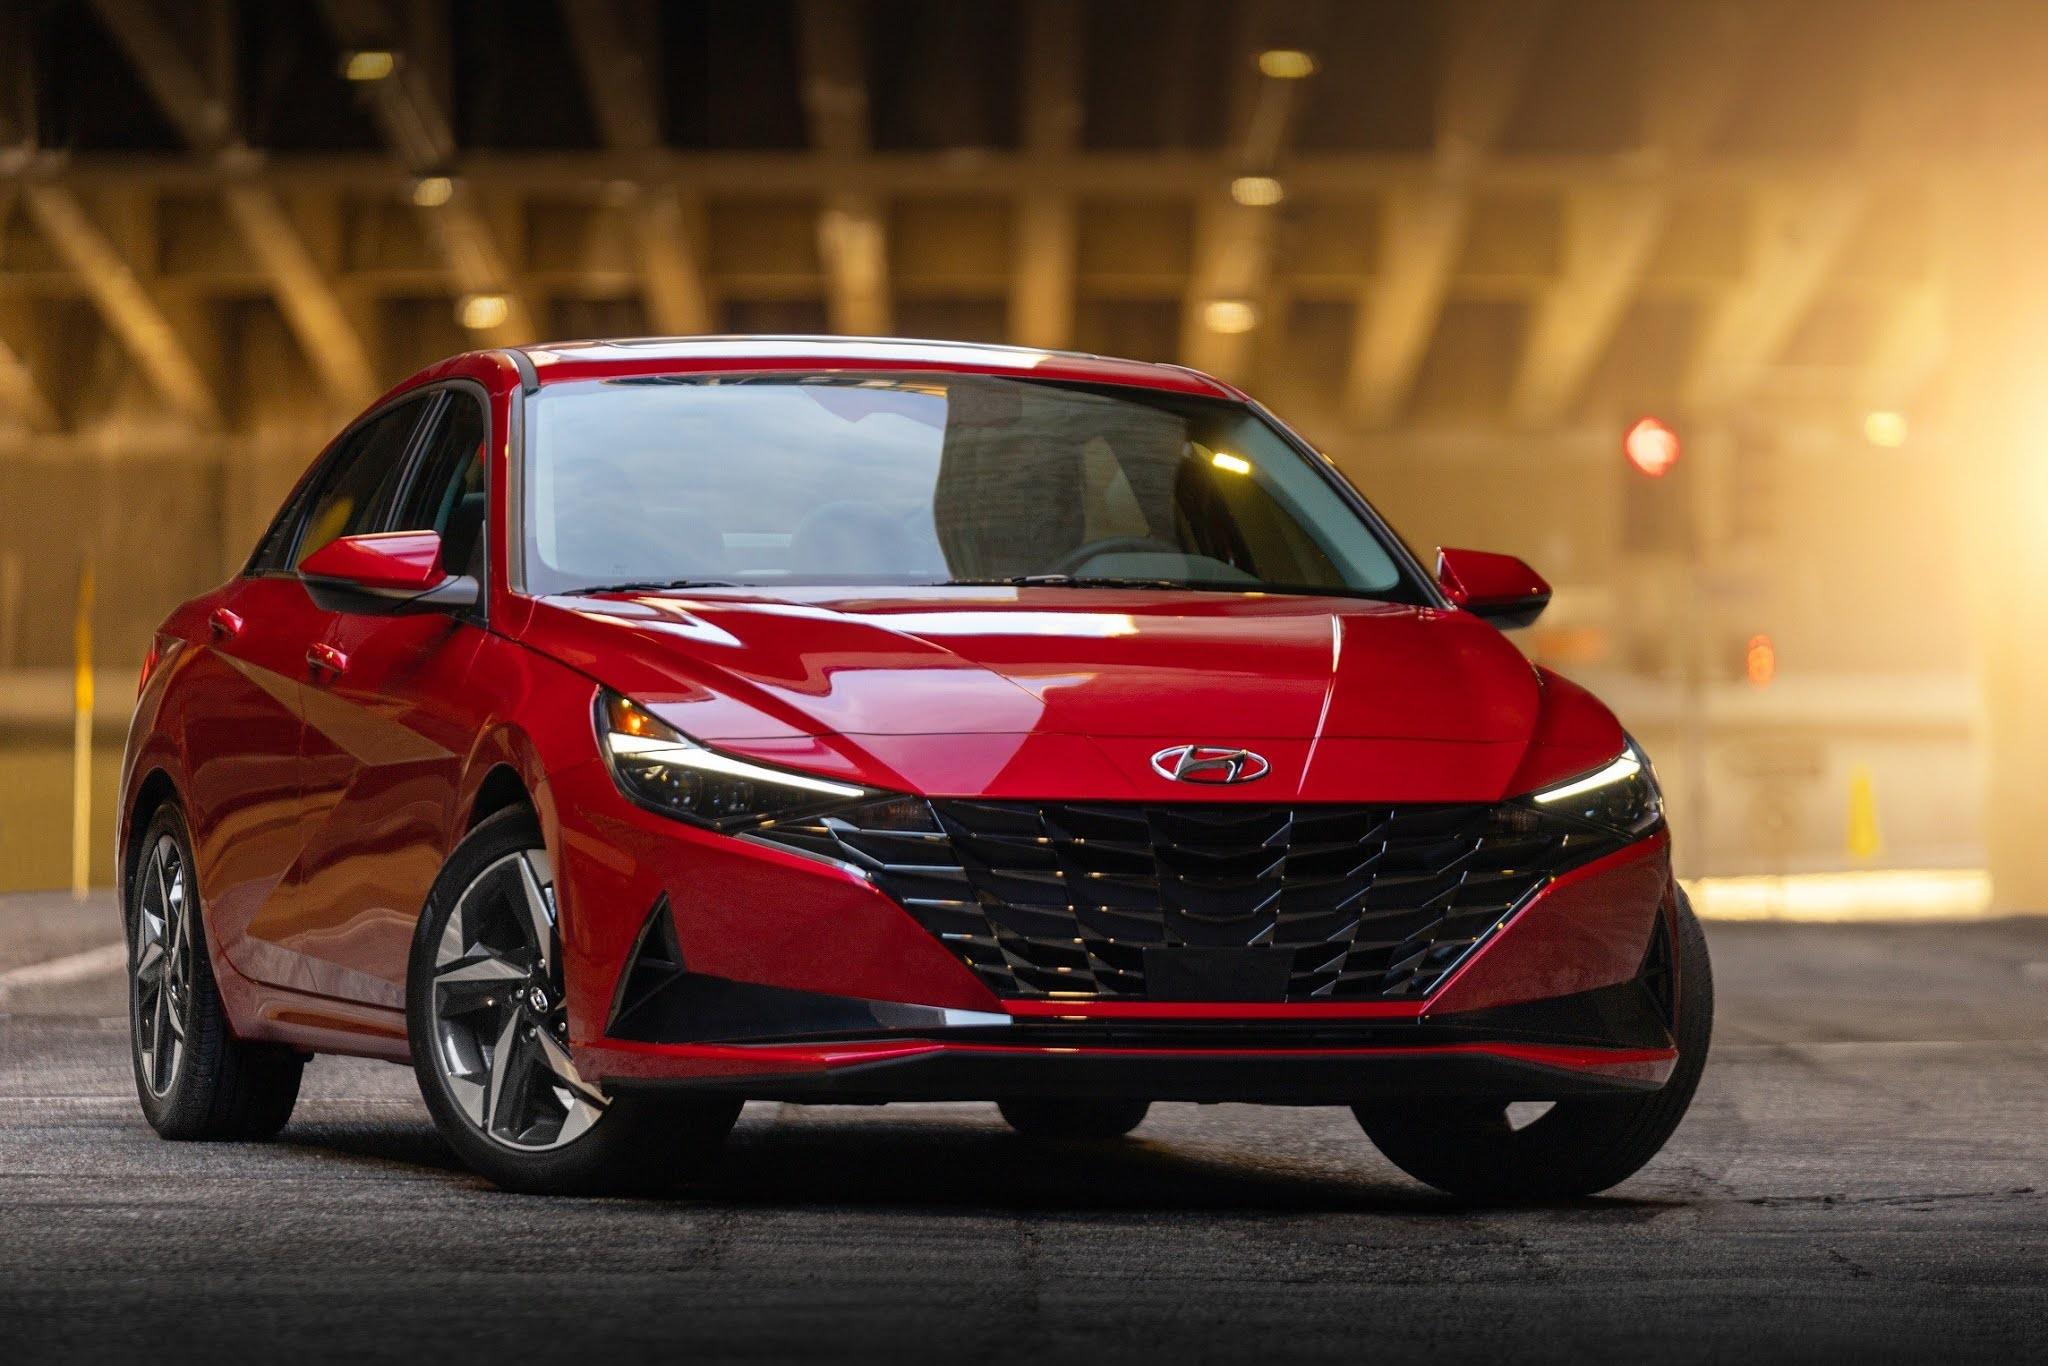 Hyundai Elantra Wins Prestigious 2021 North American Car of the Year